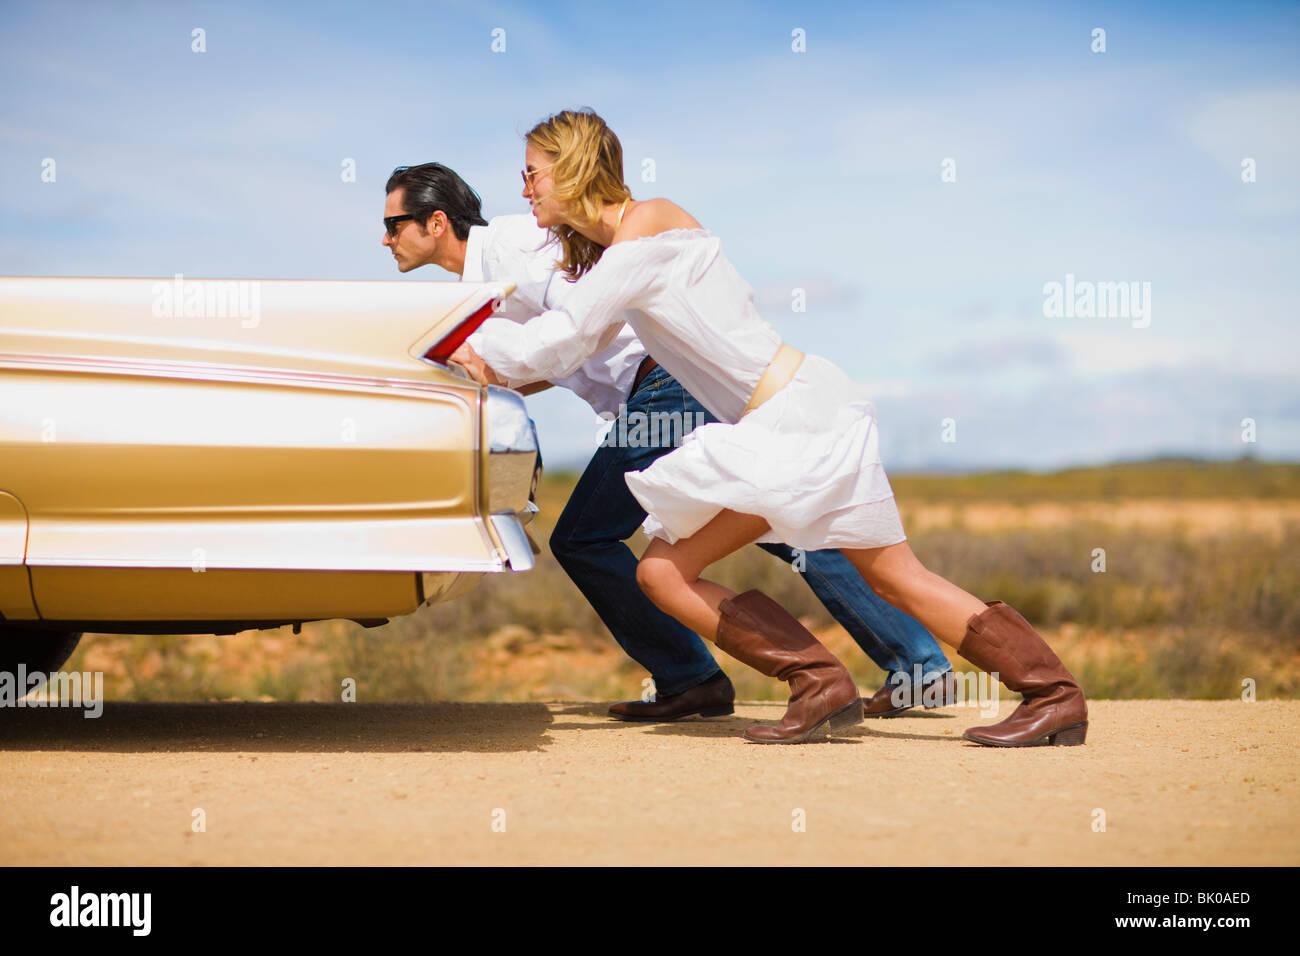 Pousser une voiture ou deux Photo Stock